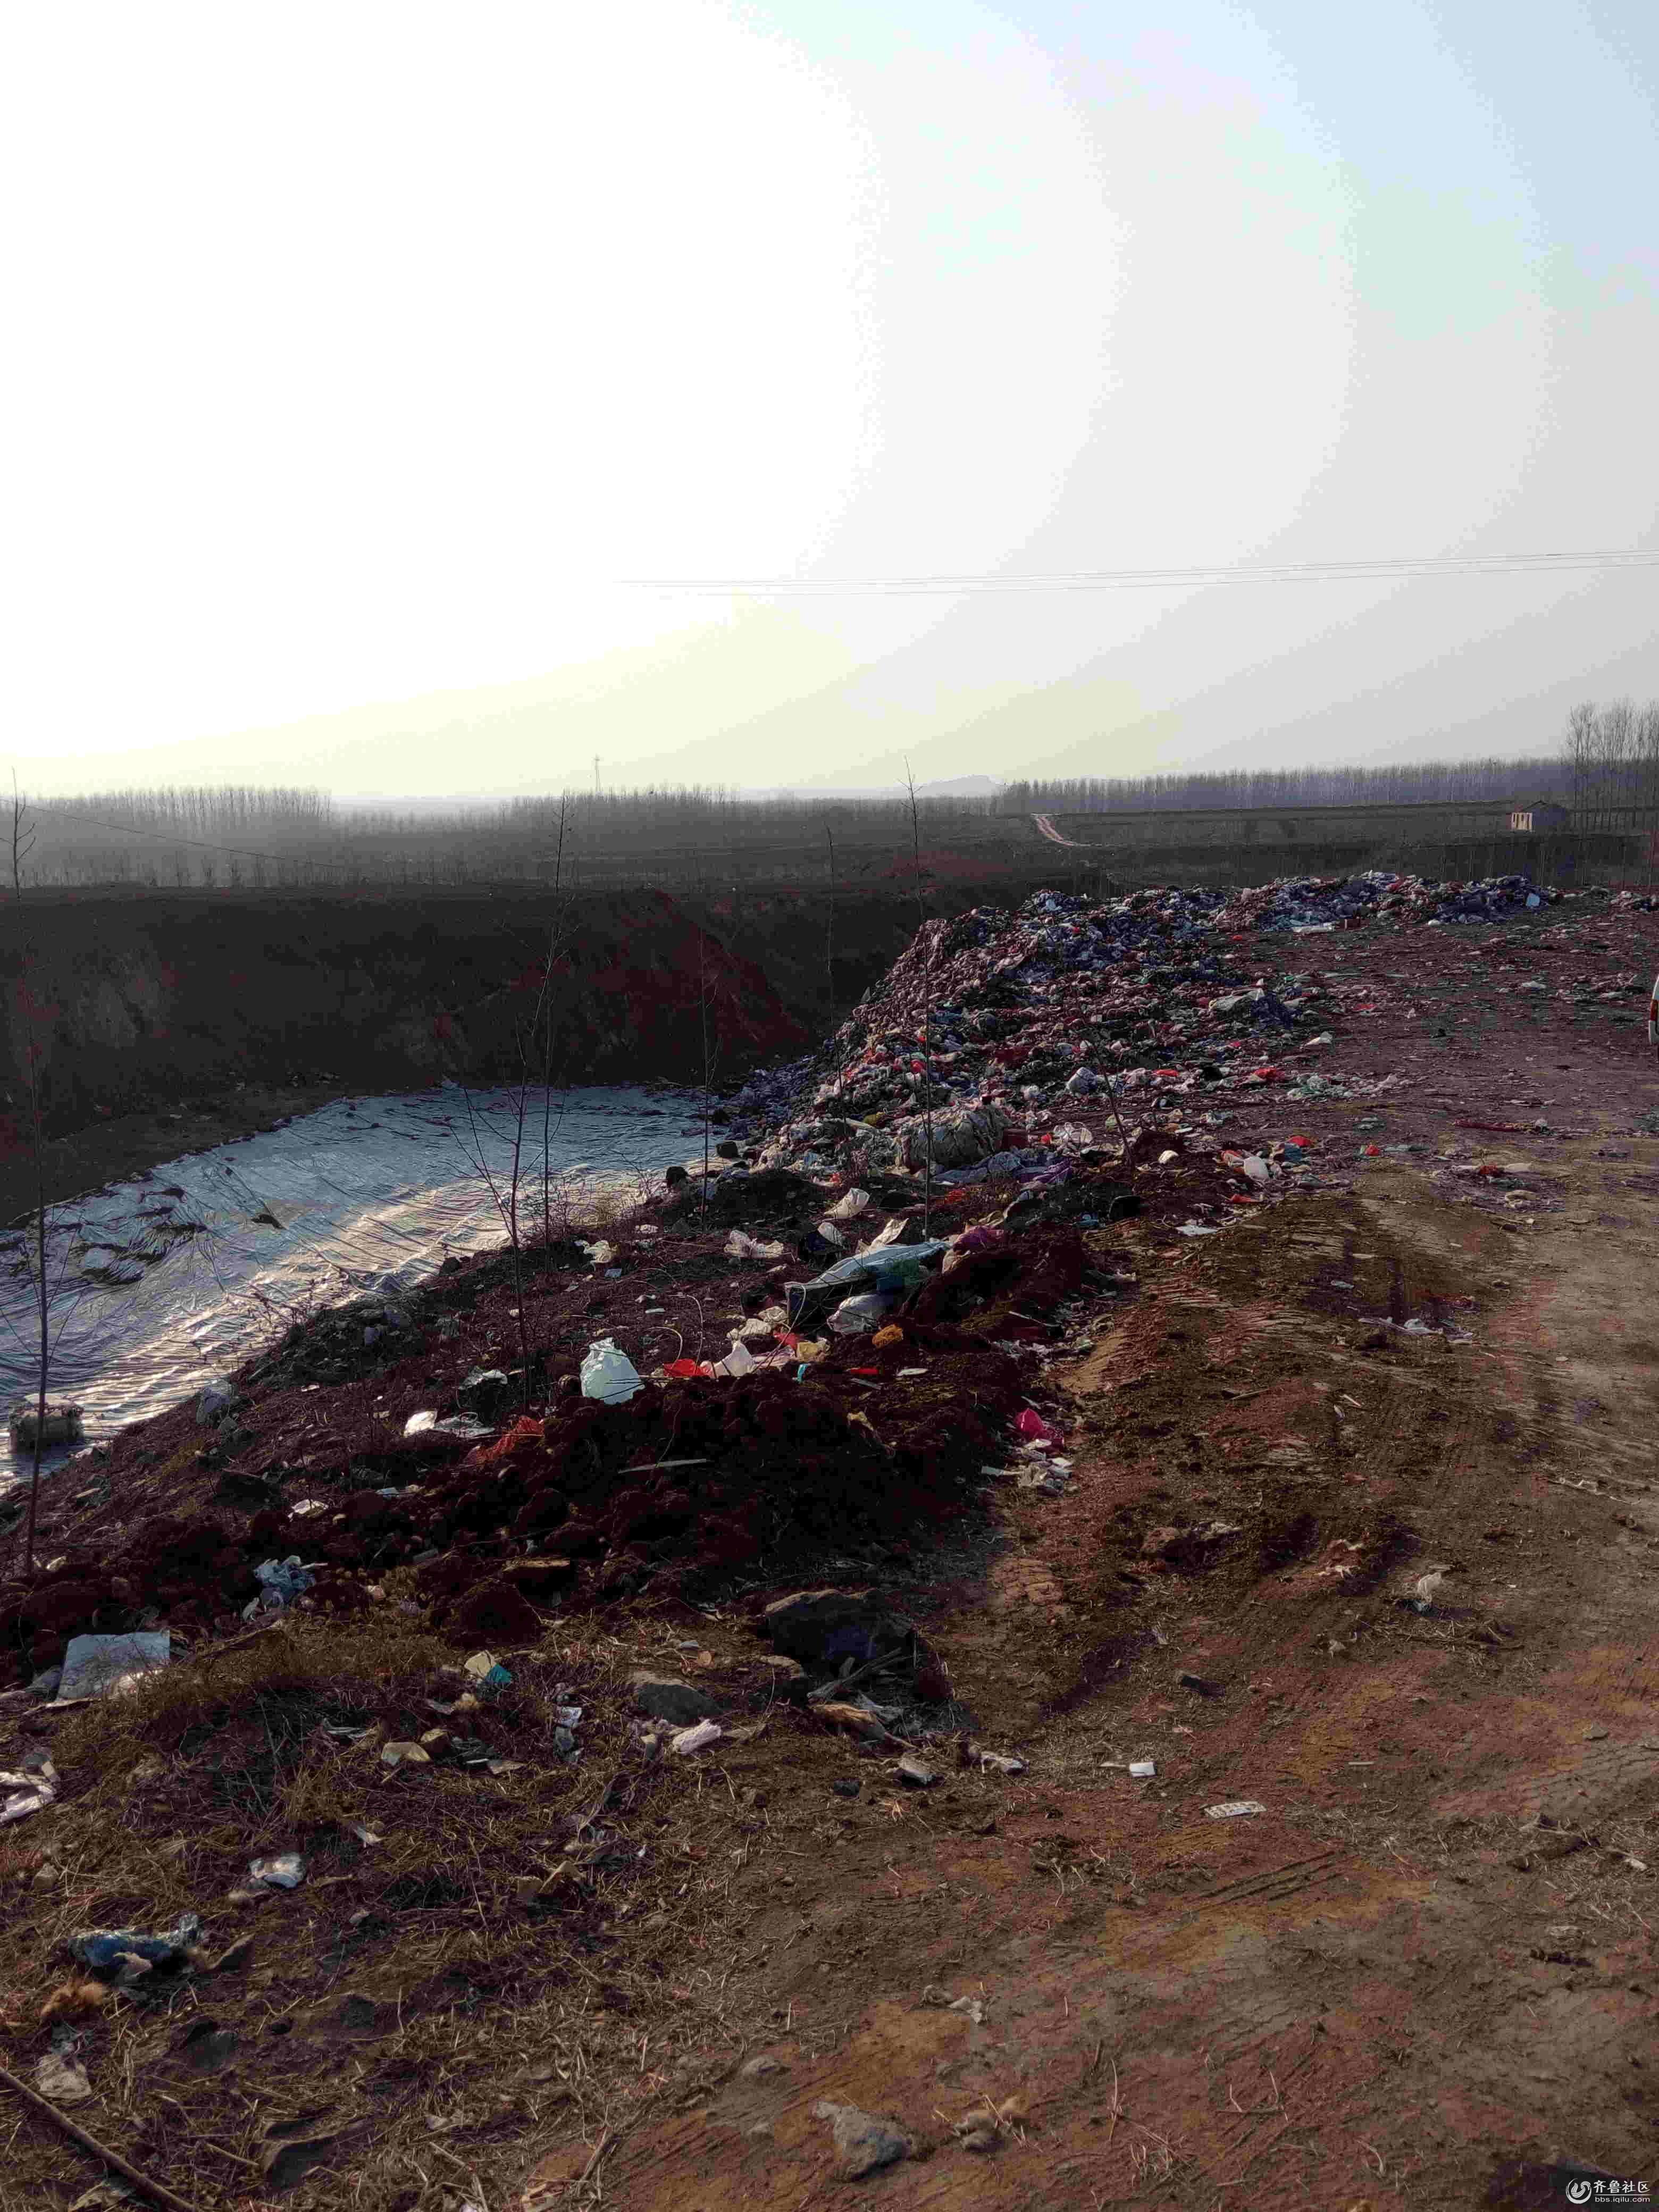 垃圾污染现场照片